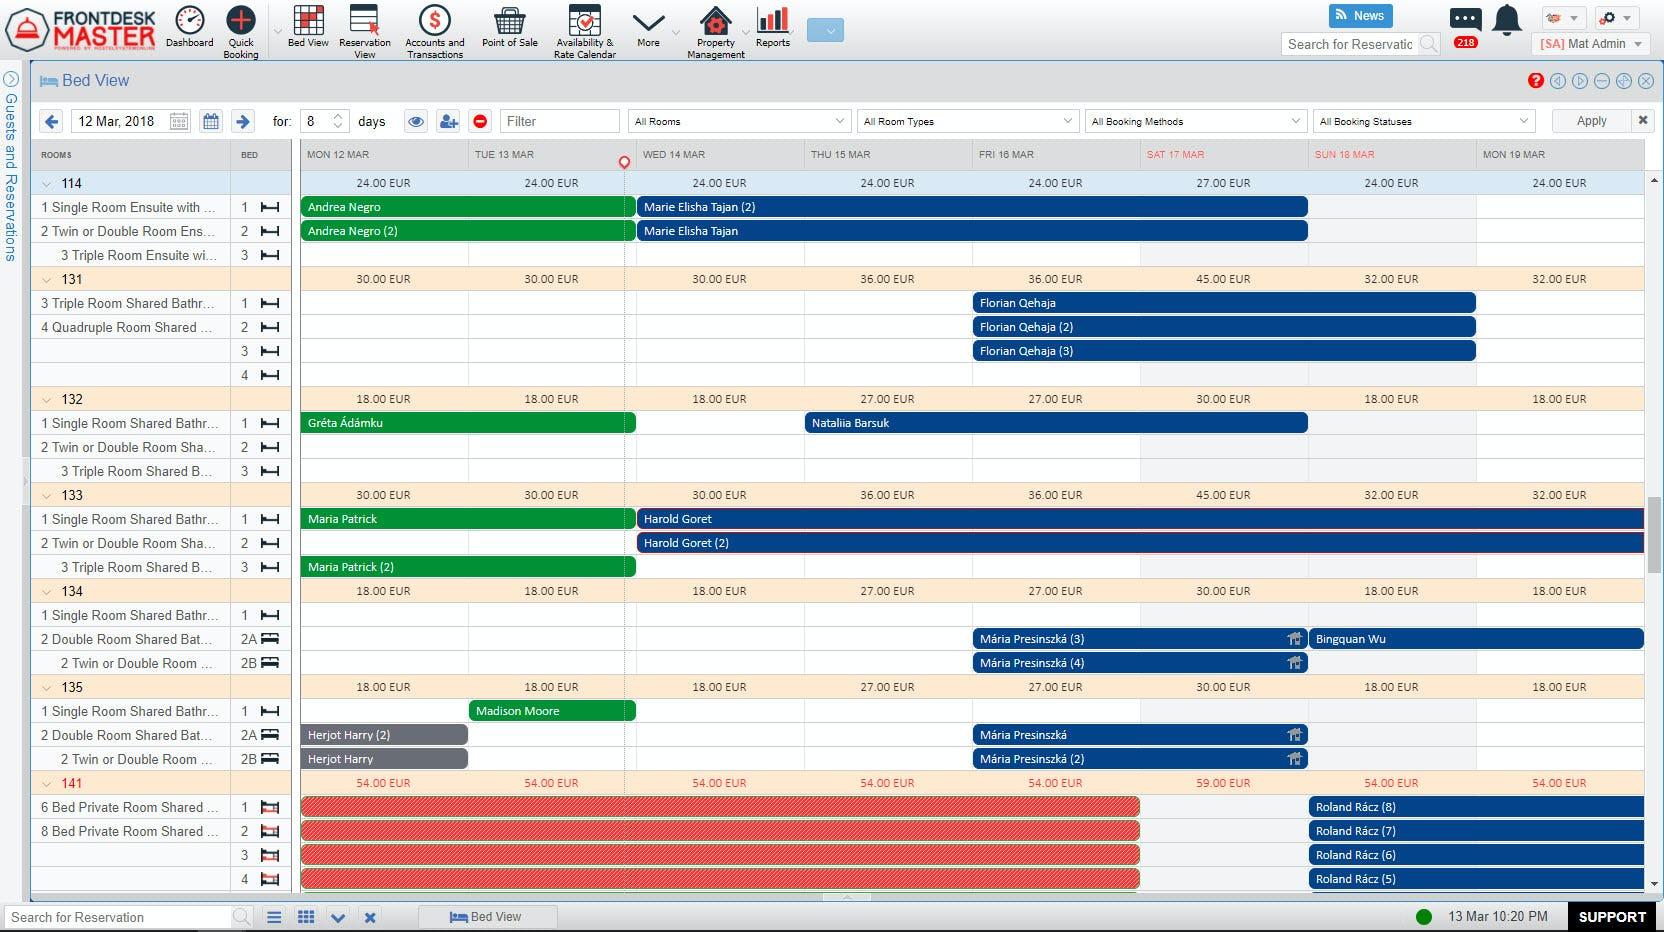 FrontDesk Master Software - Bedview calendar